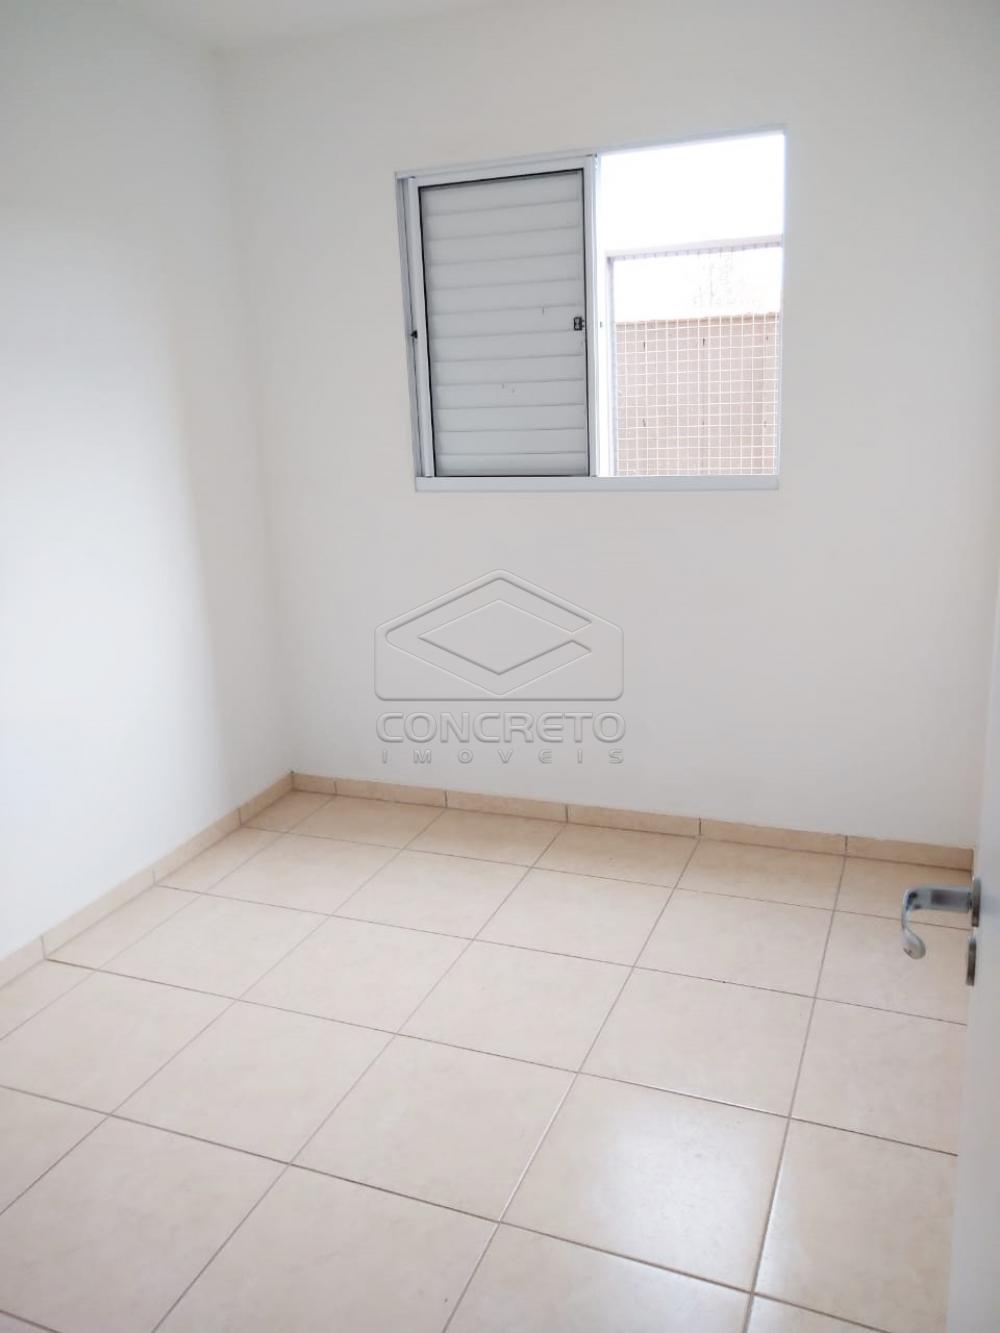 Comprar Apartamento / Padrão em Jaú apenas R$ 170.000,00 - Foto 7